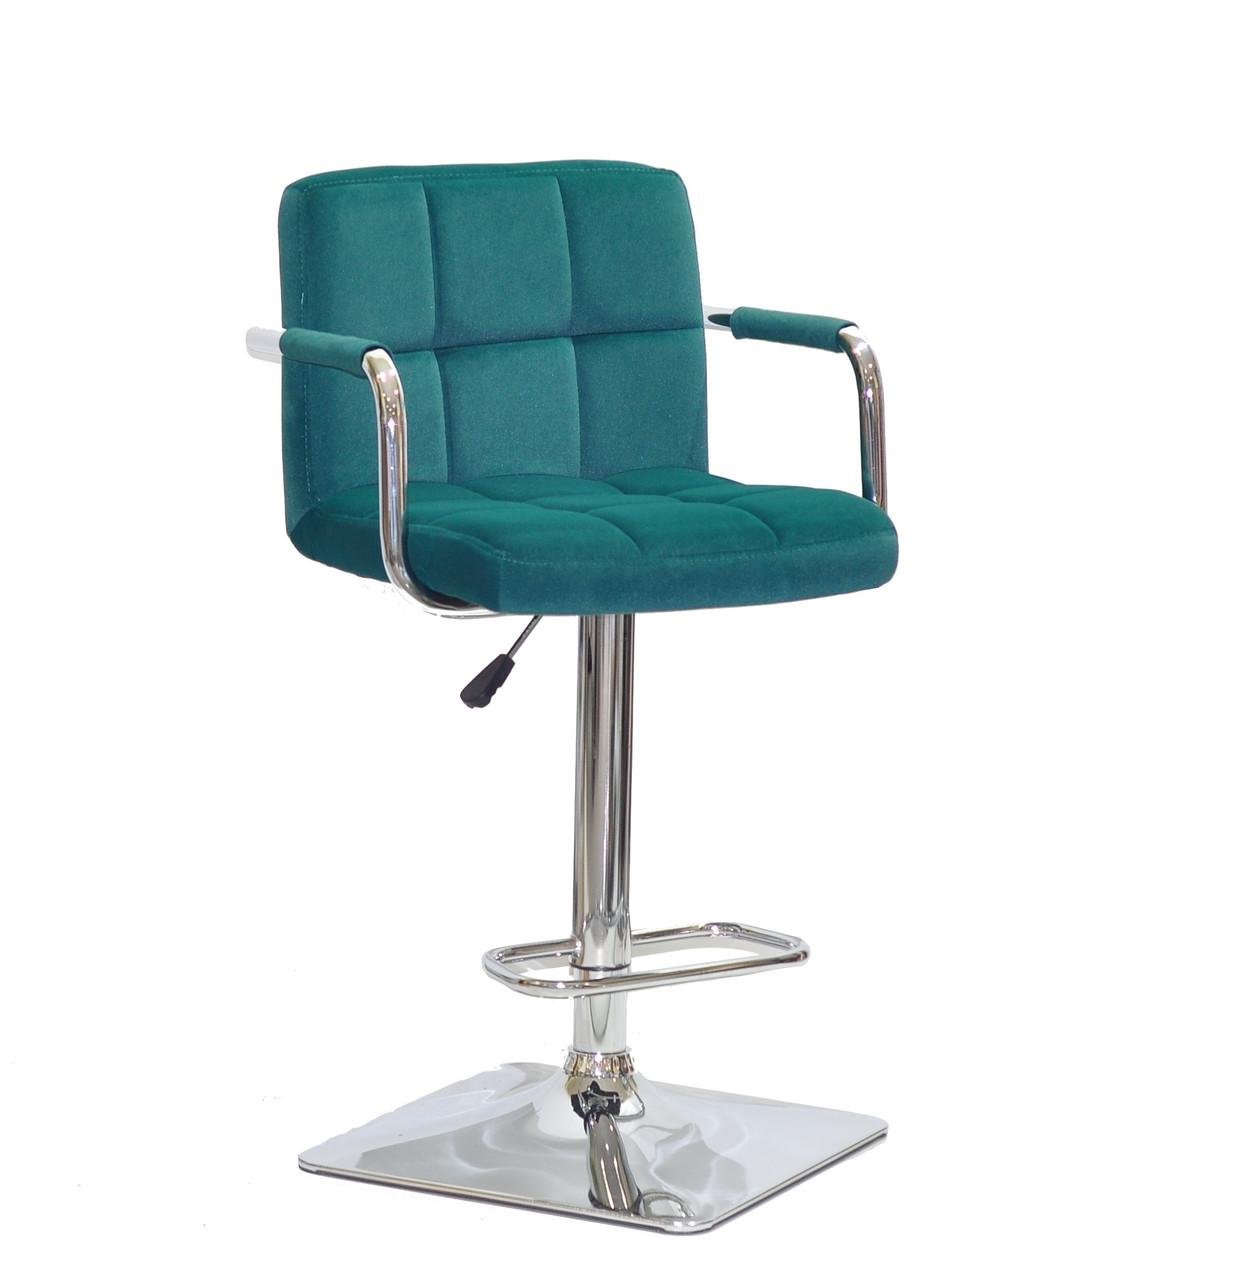 Барный стул Арно зеленый бархат с подлокотниками на квадратной хром базе ARNO BAR 4CH - BASE